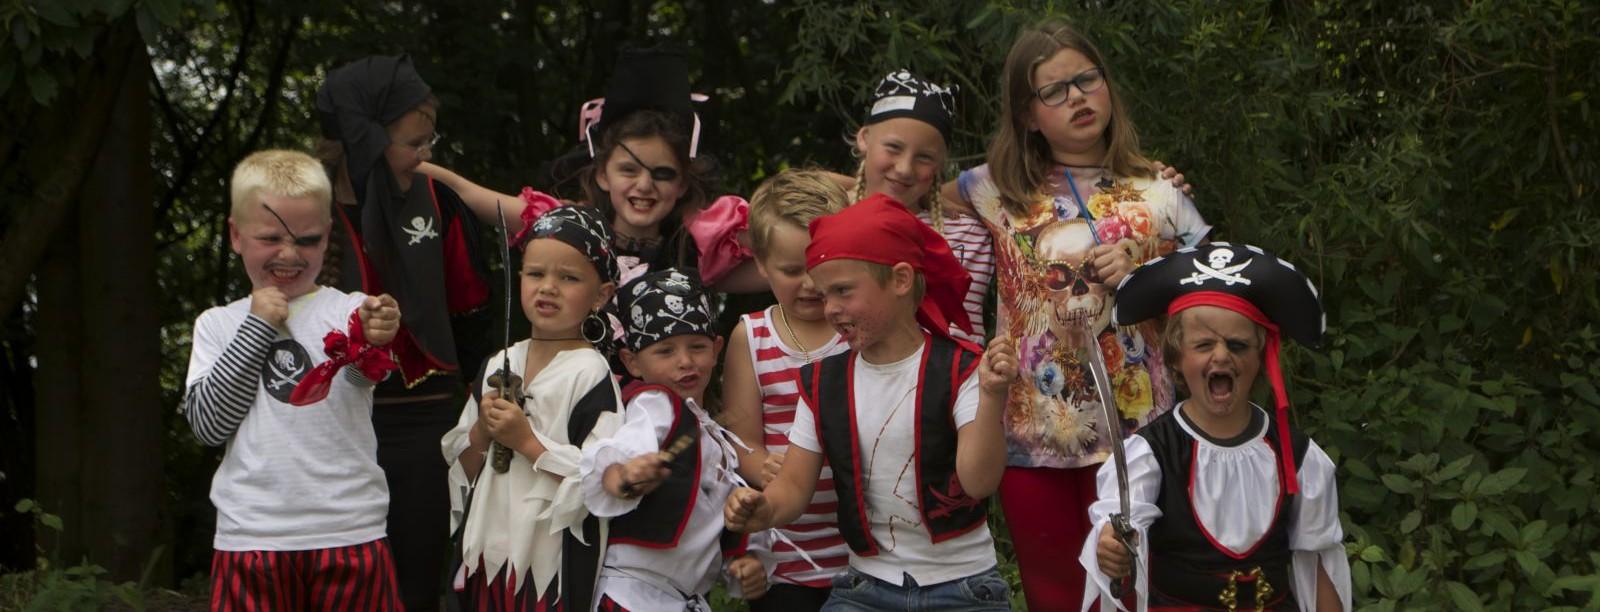 Verbazingwekkend Piraten kinderfeestje thuis-Vier uw piraten feestje met deze tips XV-34